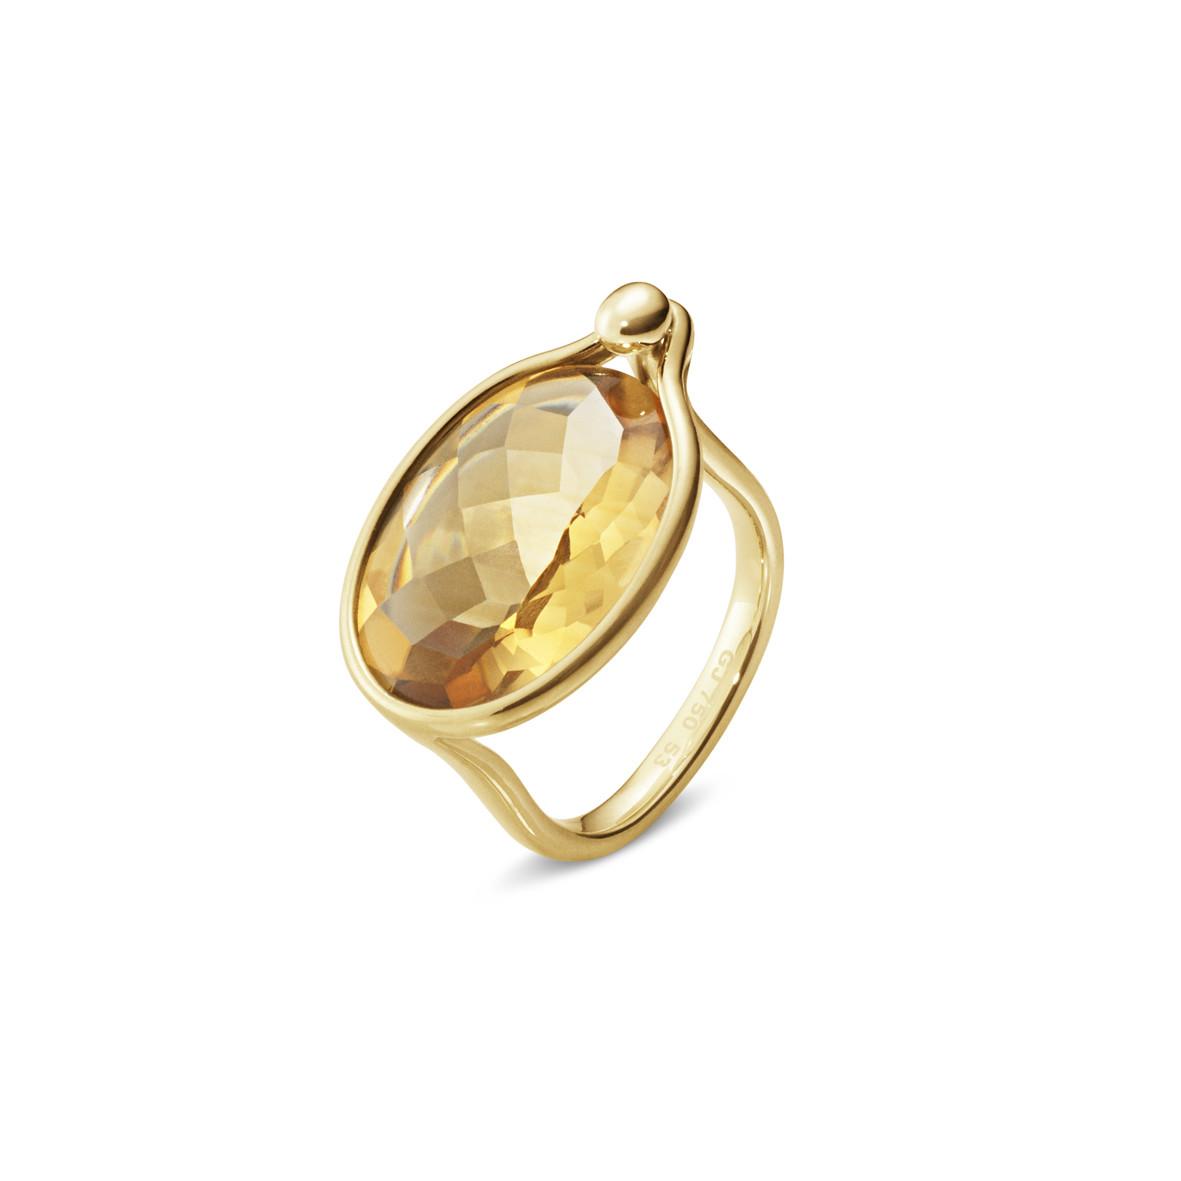 Georg Jensen SAVANNAH ring - 10003214 Størrelse 53